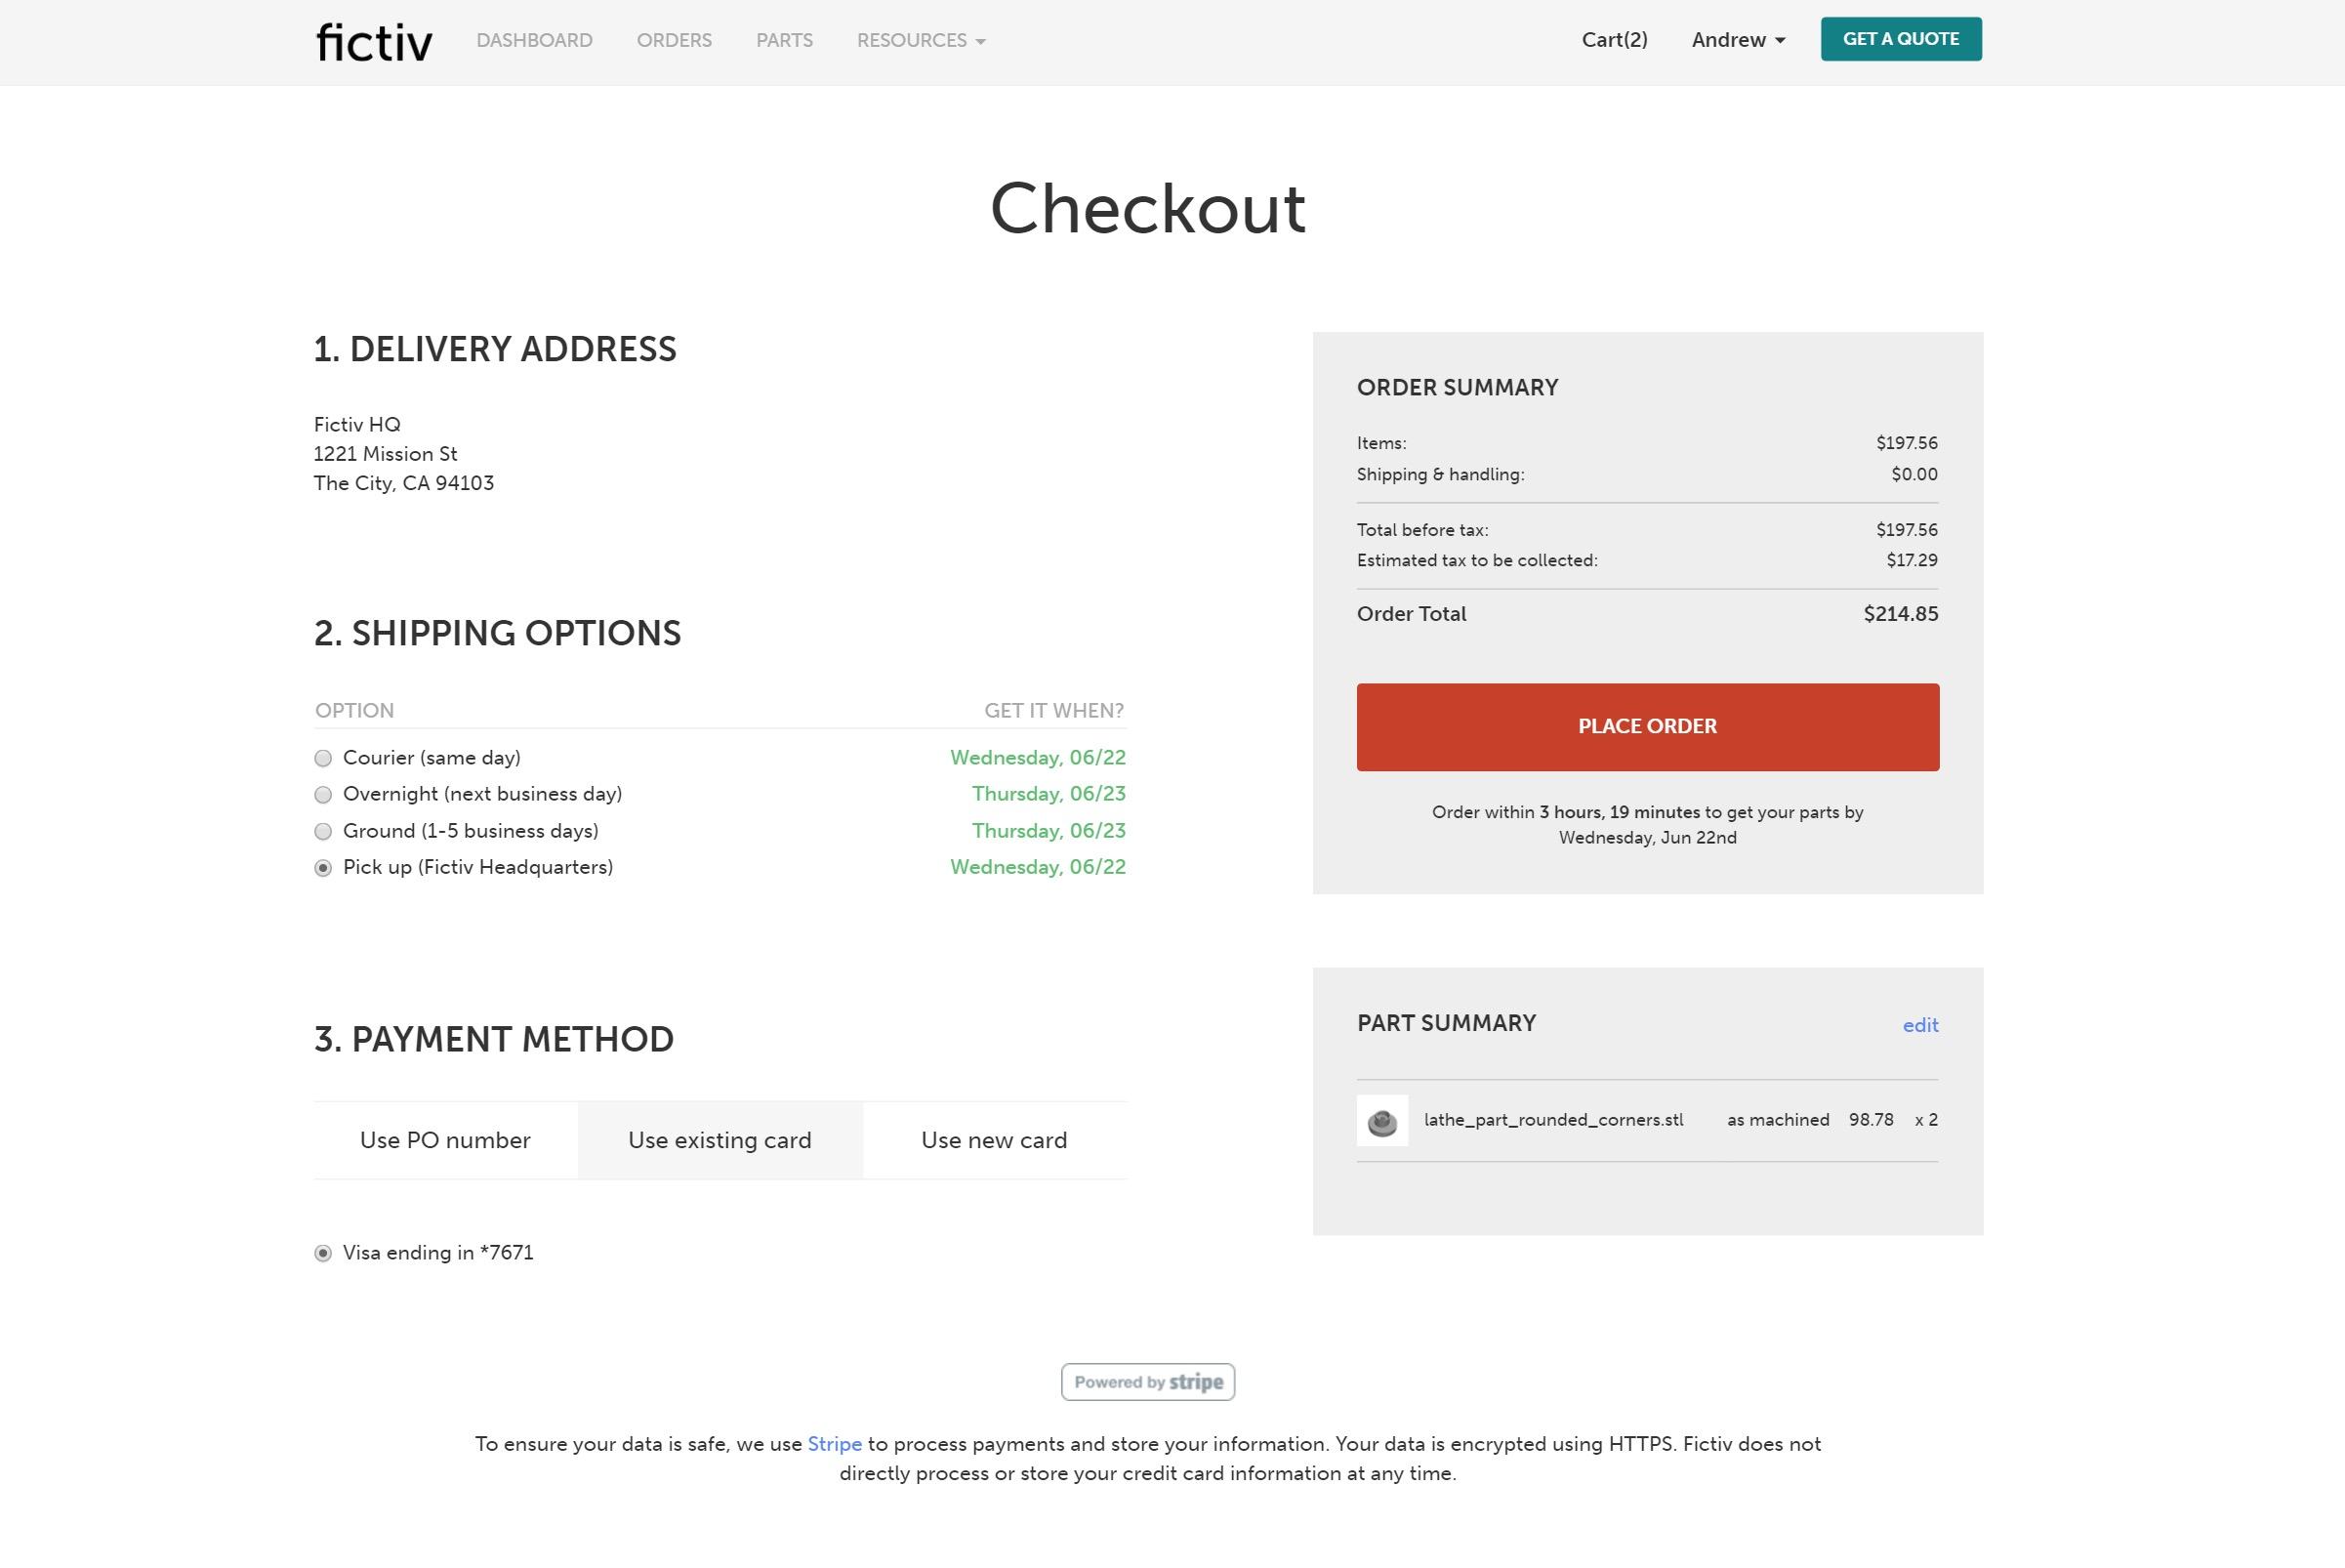 fictiv platform checkout page